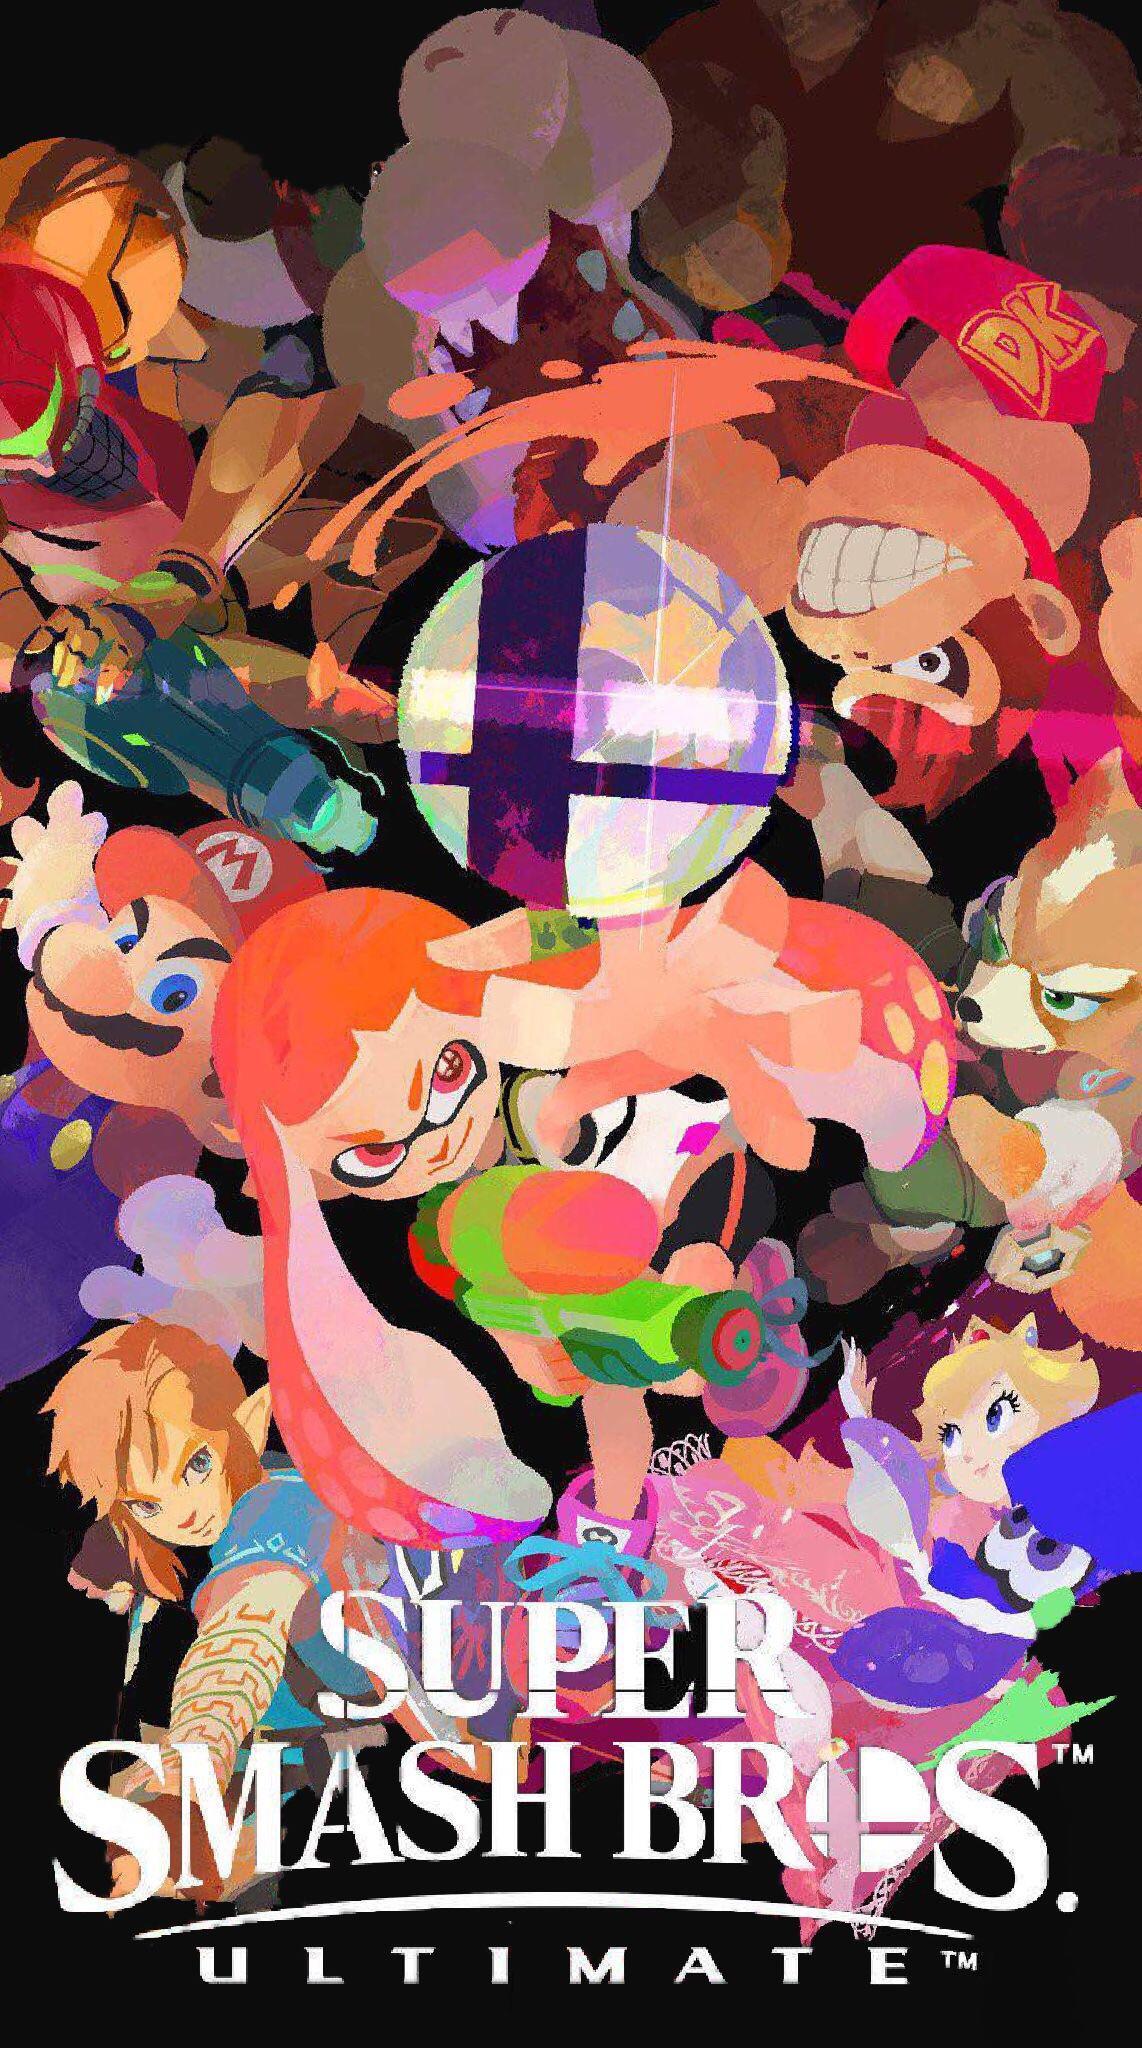 Iphone Super Smash Bros Ultimate - HD Wallpaper